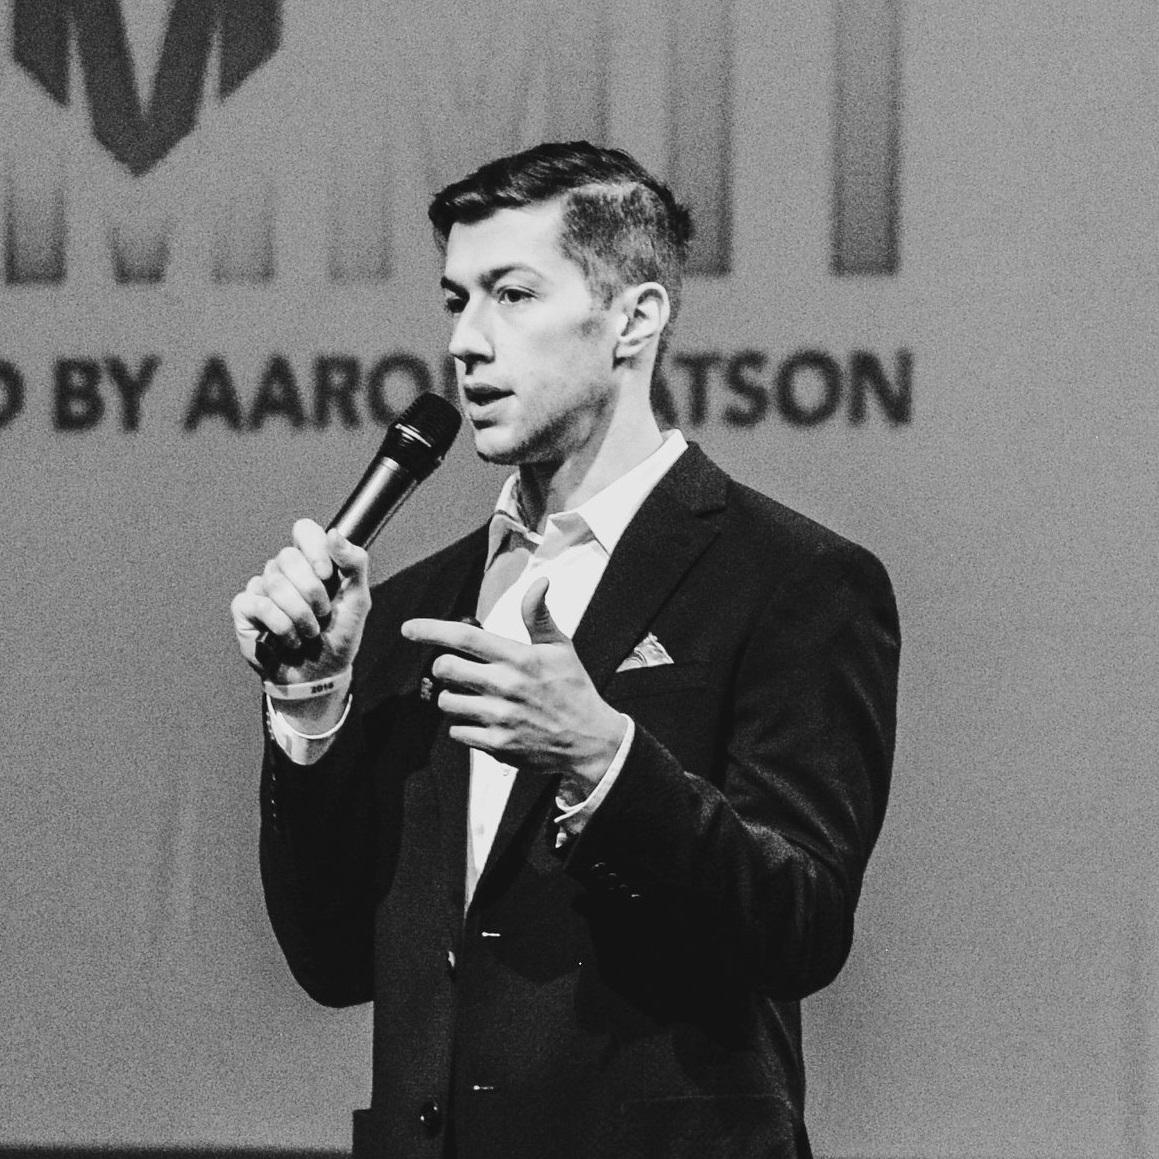 Aaron Watson - LinkedIn | Instagram | Twitter